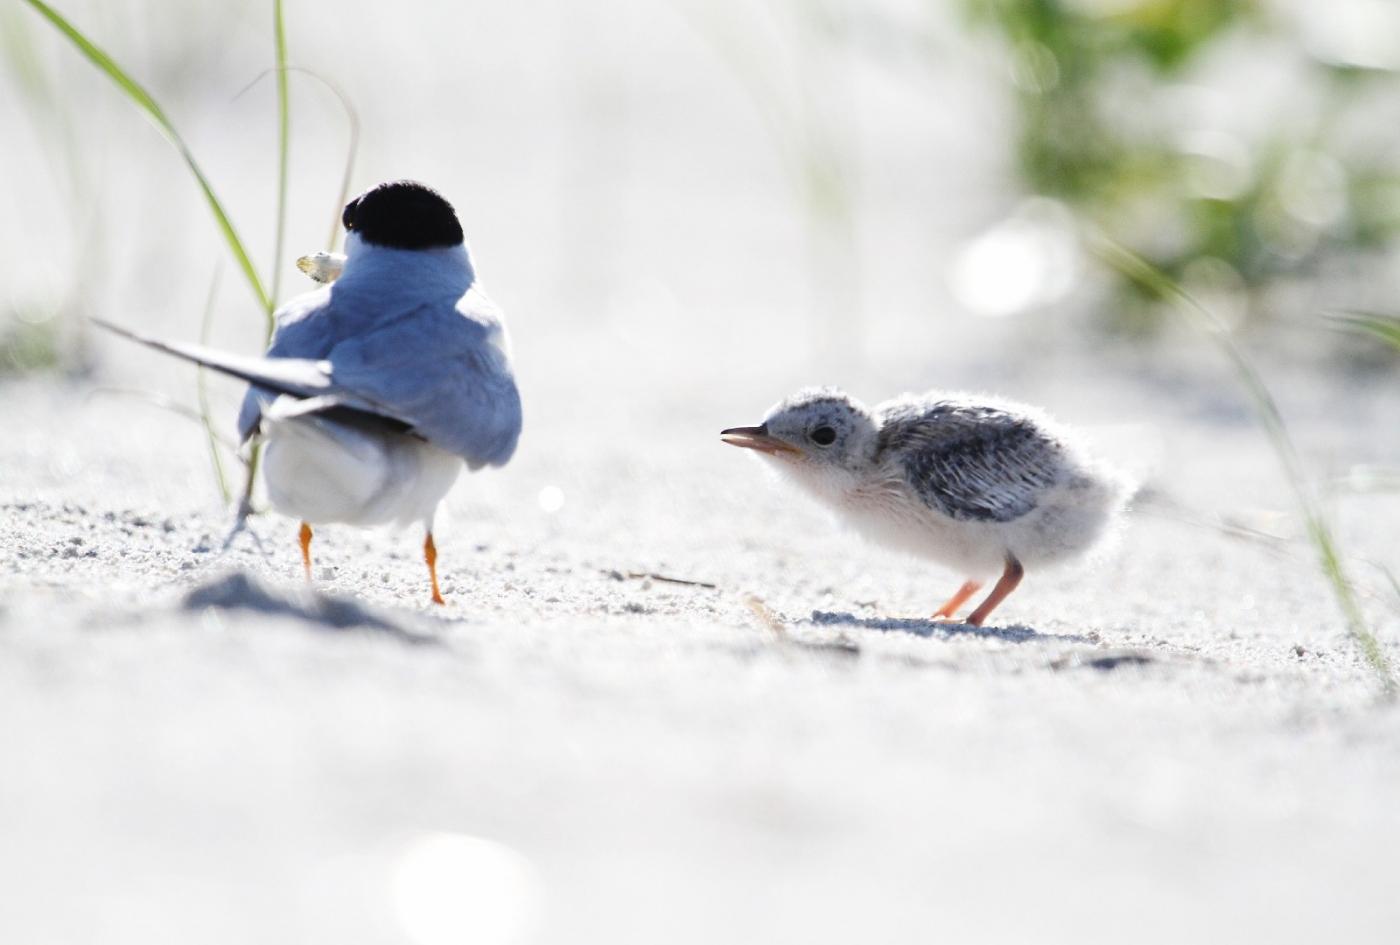 【田螺摄影】黄嘴燕鸥整个出生成长的过程_图1-4